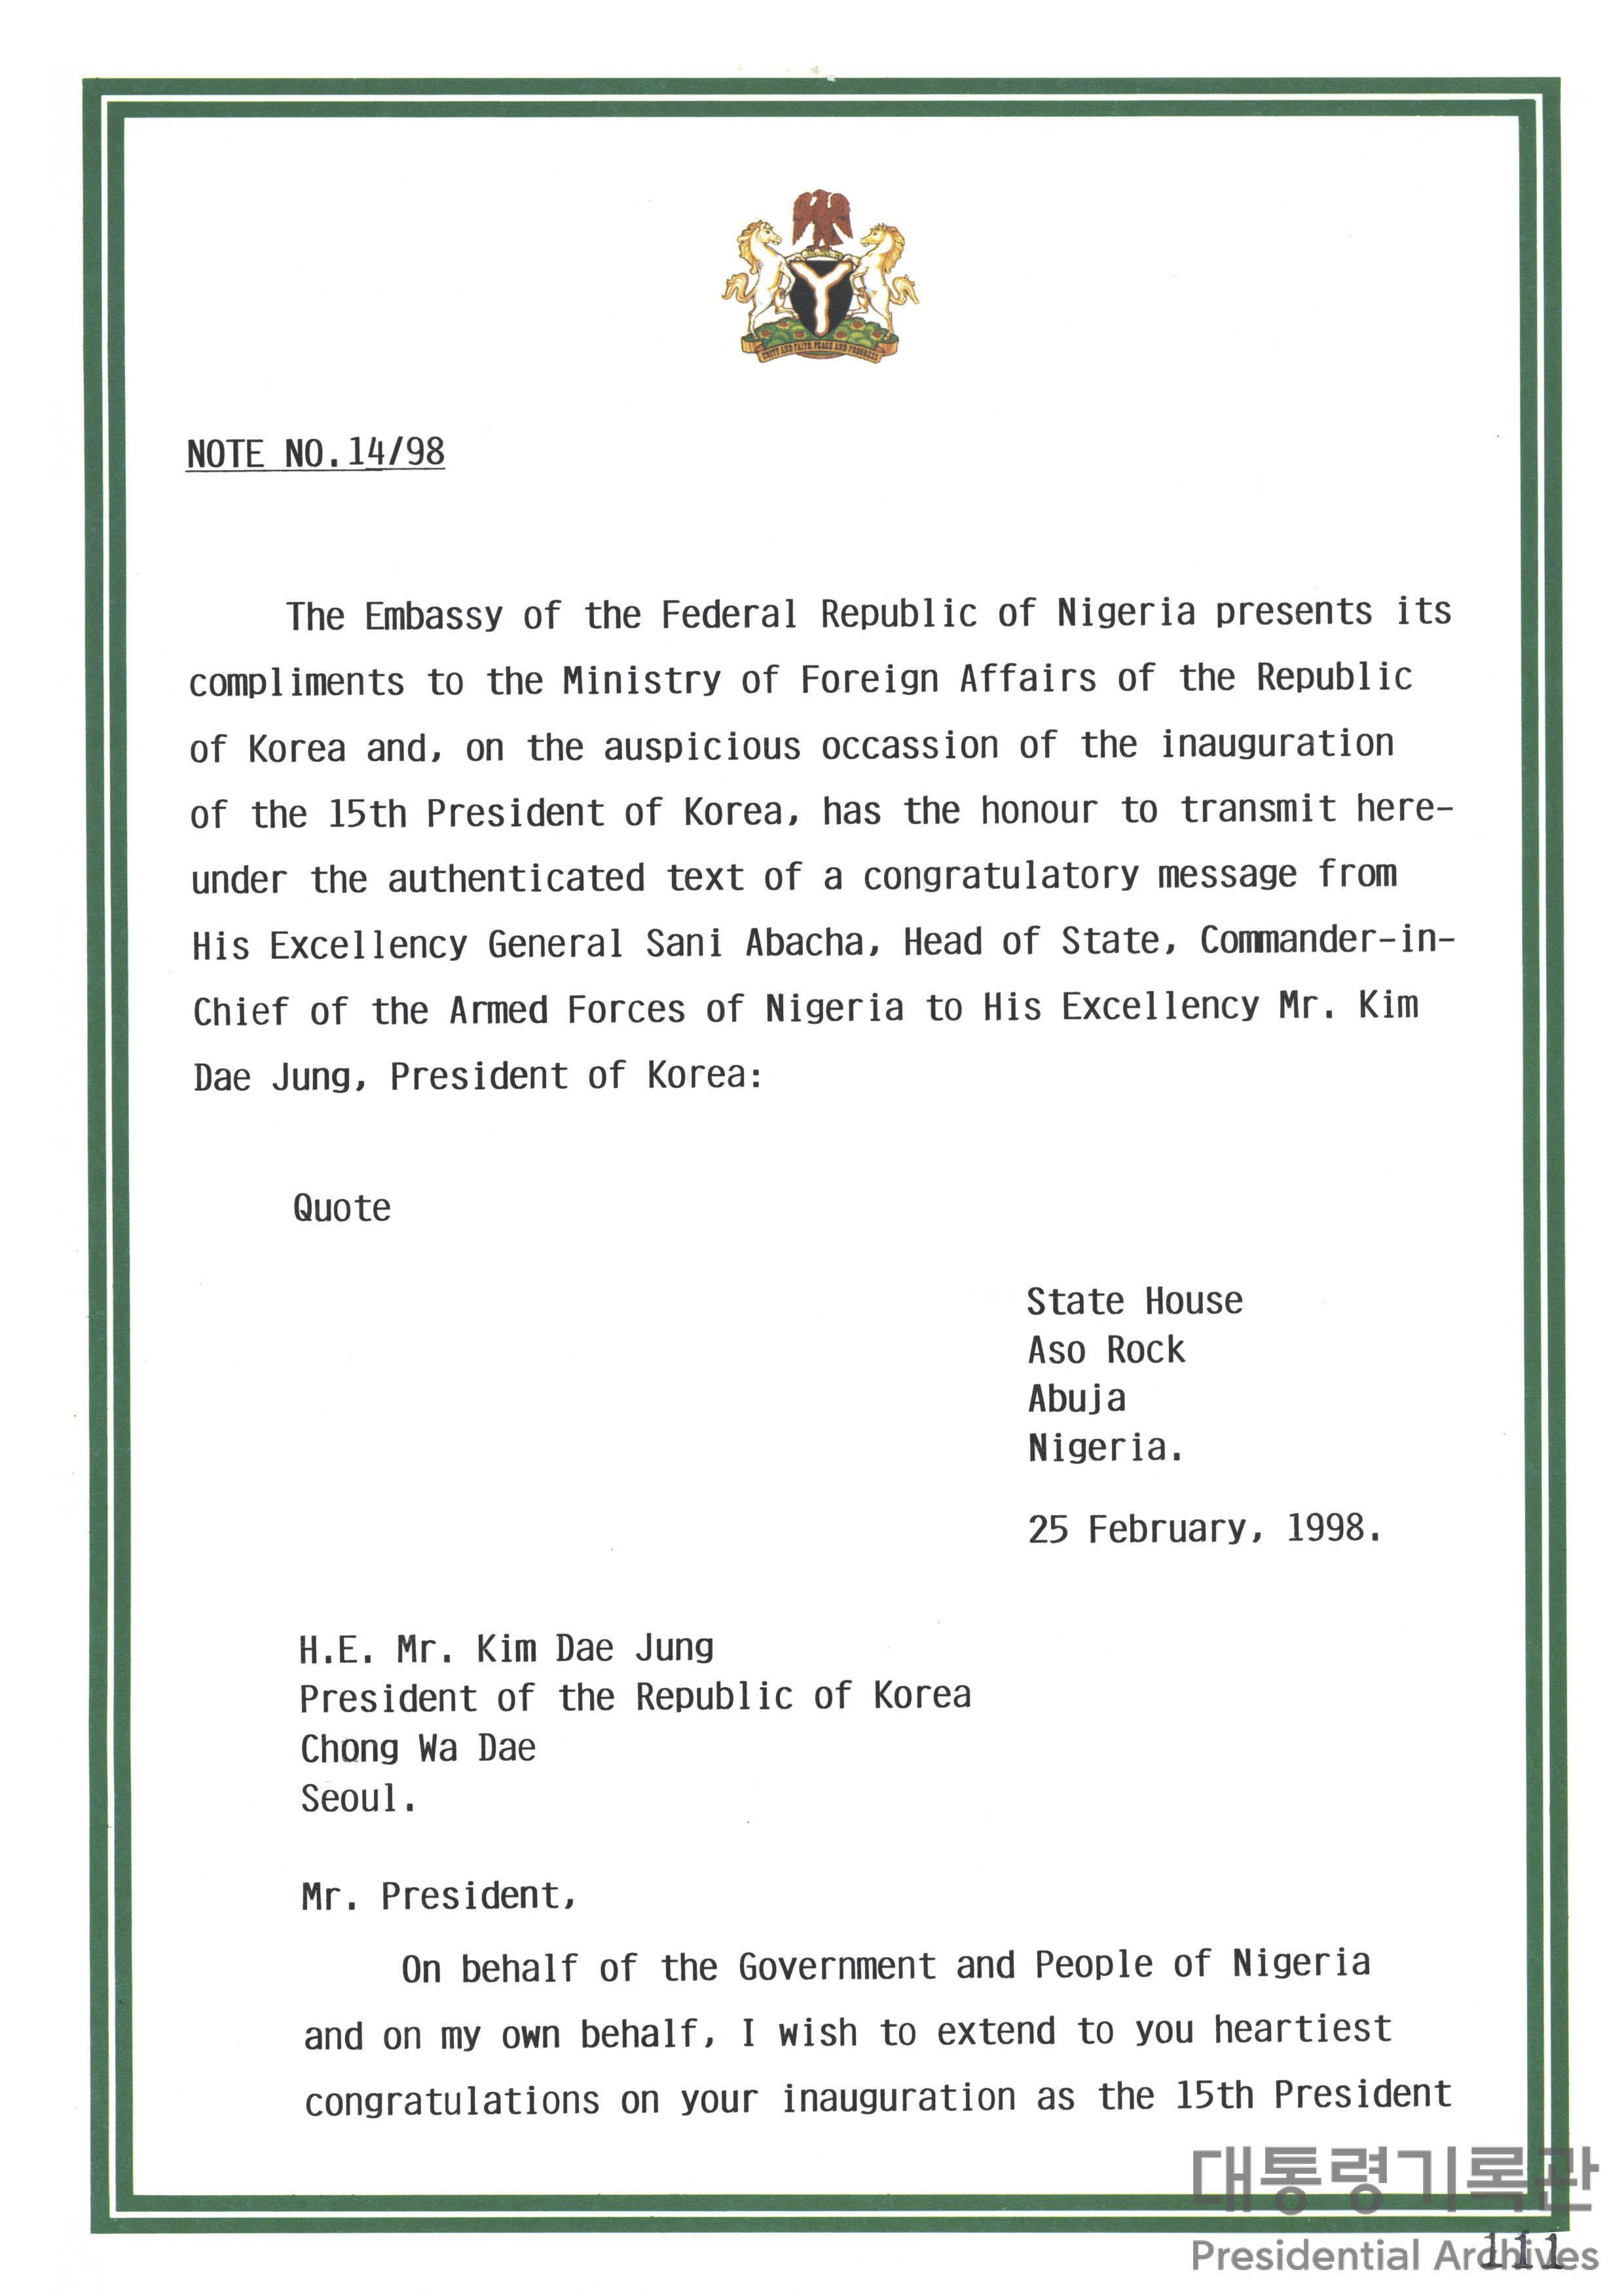 사니 아바챠(Sani Abacha) 나이지리아 국가원수의 취임축하 서한